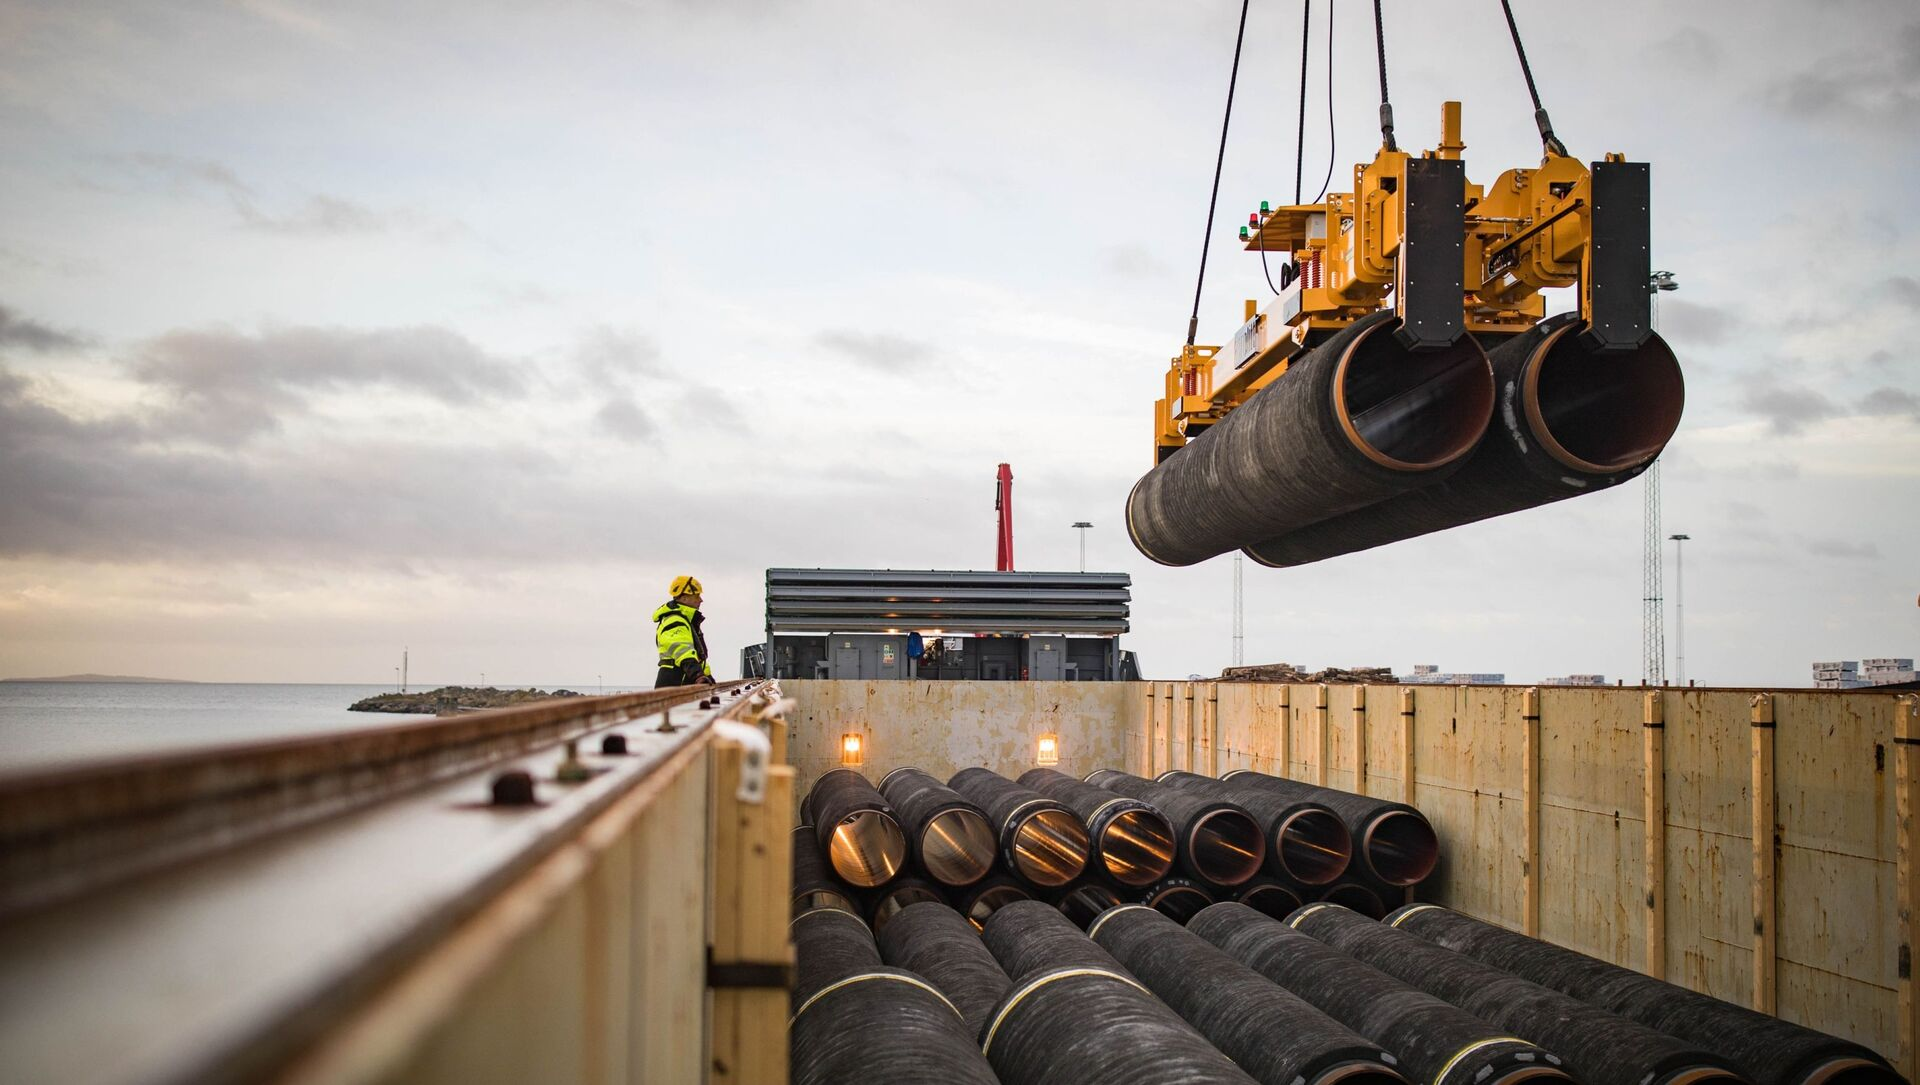 Stavba plynovodu Nord Stream 2 v Německu - Sputnik Česká republika, 1920, 16.02.2021